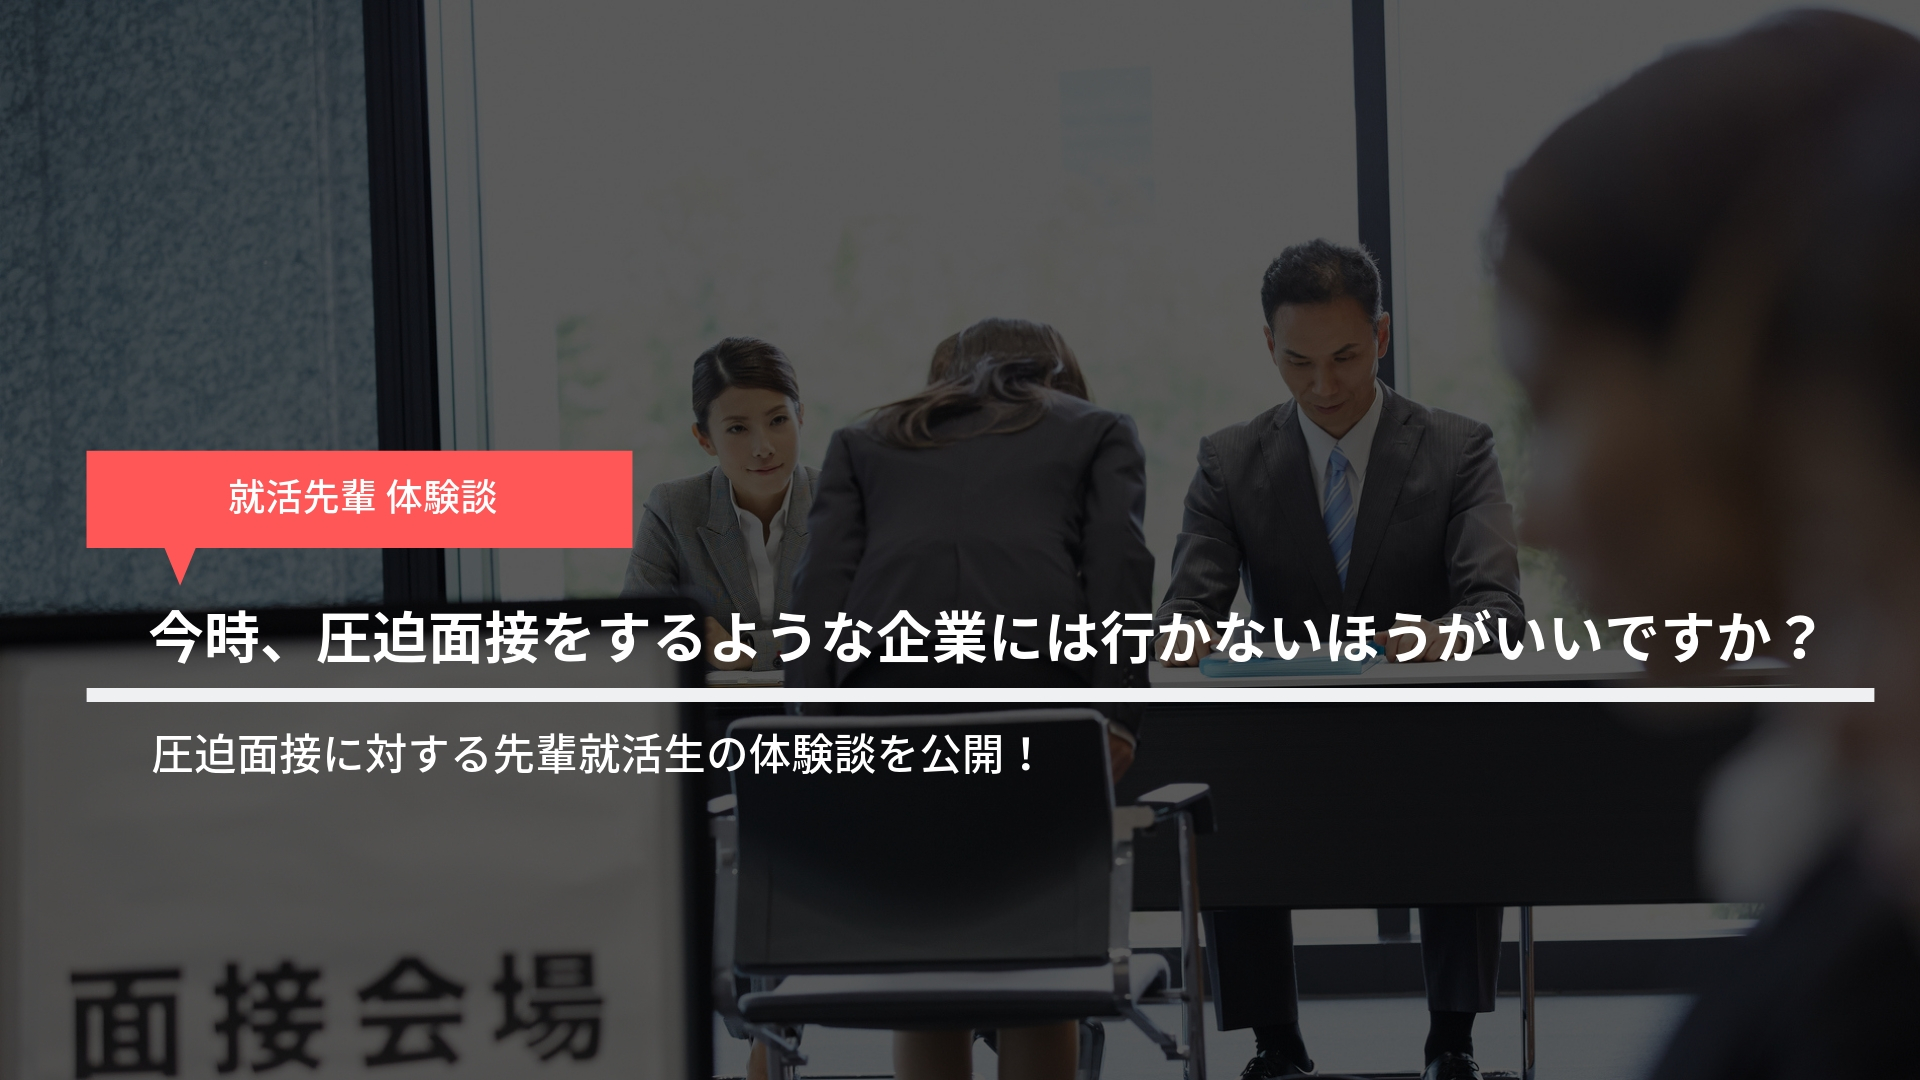 【就活体験談】今時、圧迫面接をするような企業には行かないほうがいいですか?